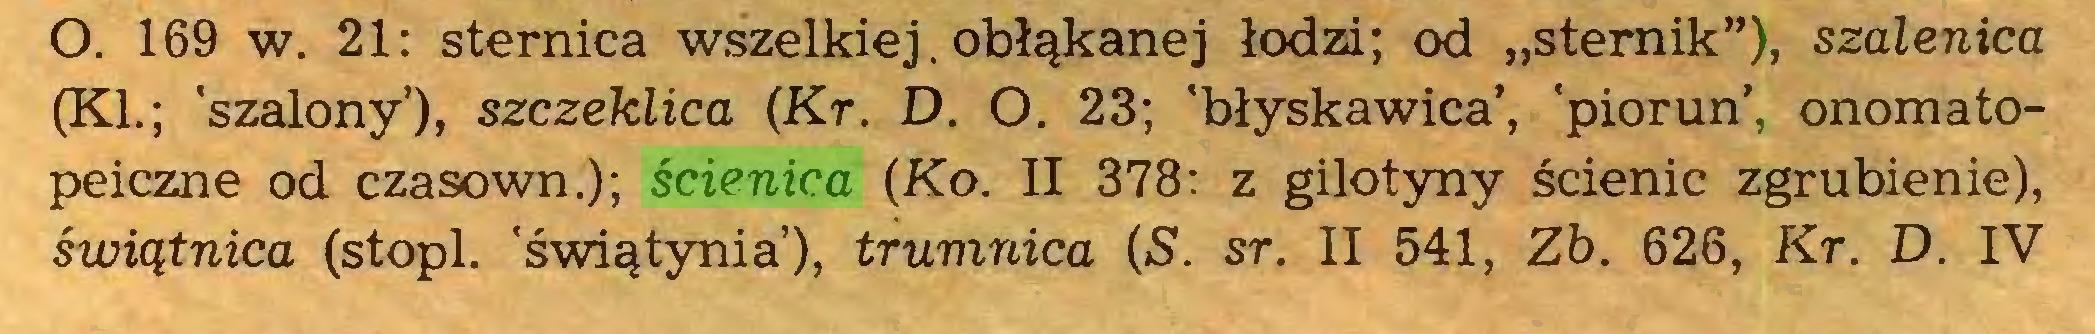 """(...) O. 169 w. 21: sternica wszelkiej. obłąkanej łodzi; od """"sternik""""), szalenica (KI.; 'szalony'), szczeklica (Kr. D. O. 23; 'błyskawica', 'piorun', onomatopeiczne od czasown.); ścienica (Ko. II 378: z gilotyny ścienic zgrubienie), świątnica (stopi, 'świątynia'), trumnica (S. sr. II 541, Zb. 626, Kr. D. IV..."""